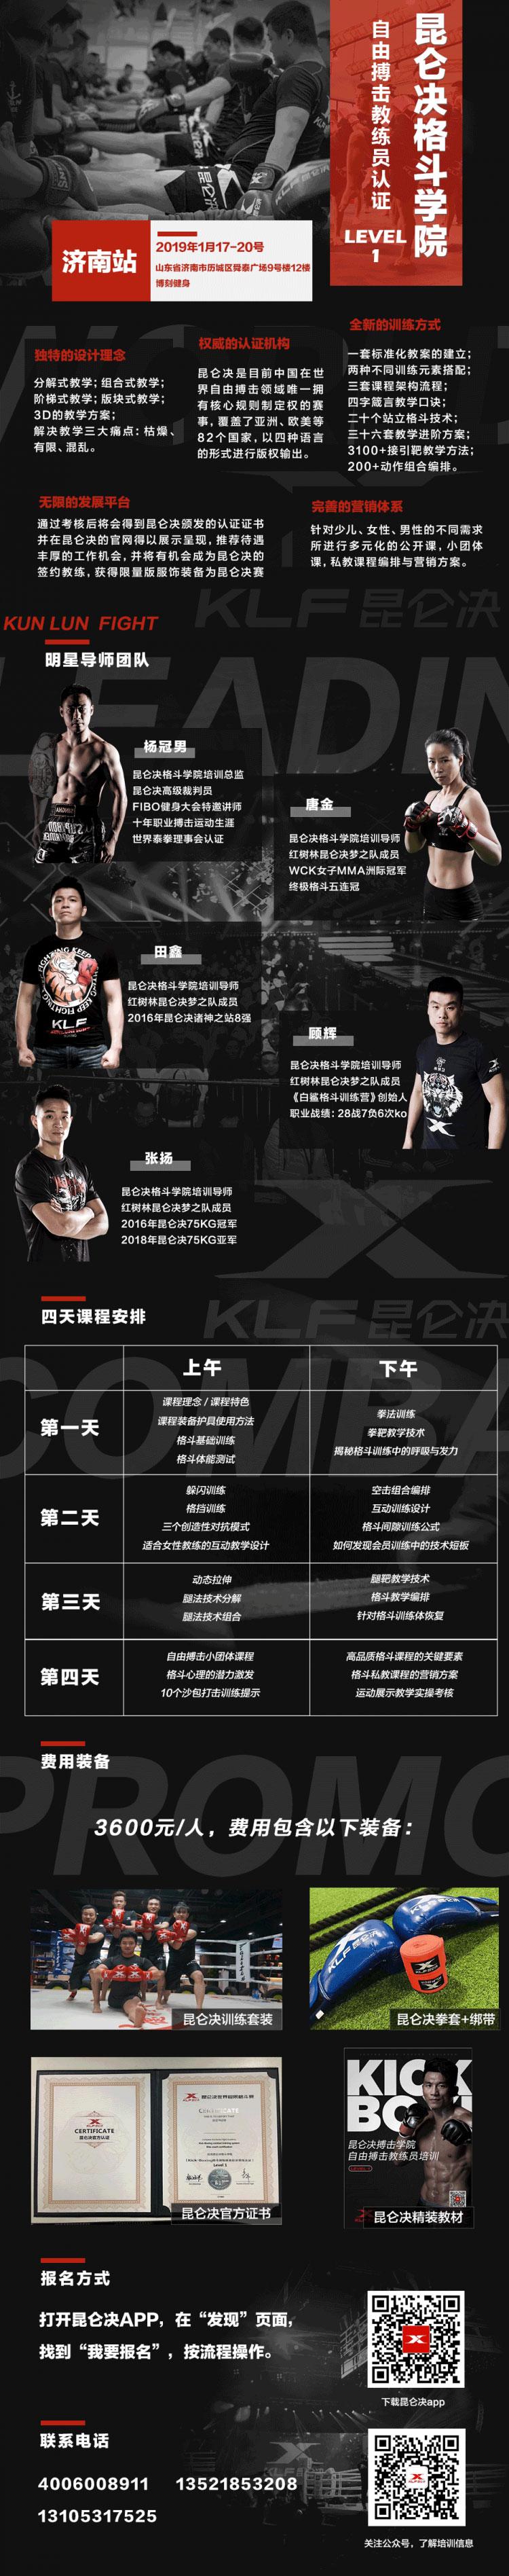 181858_济南-教练员培训level1.jpg